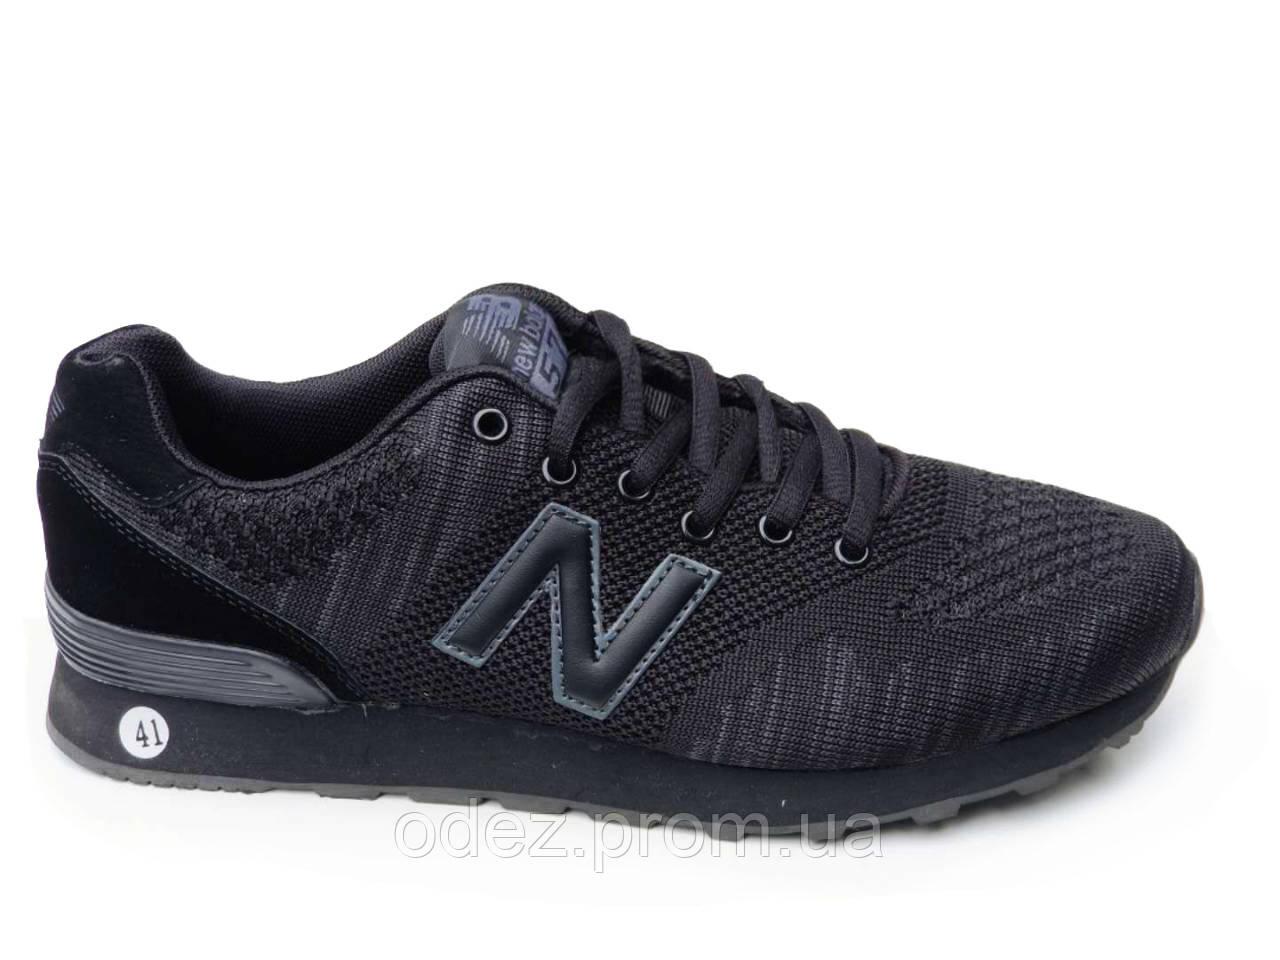 dfcec31561cc Мужские кроссовки New Balance NB 574 ML черные сетка. - Интернет-магазин  спортивных товаров